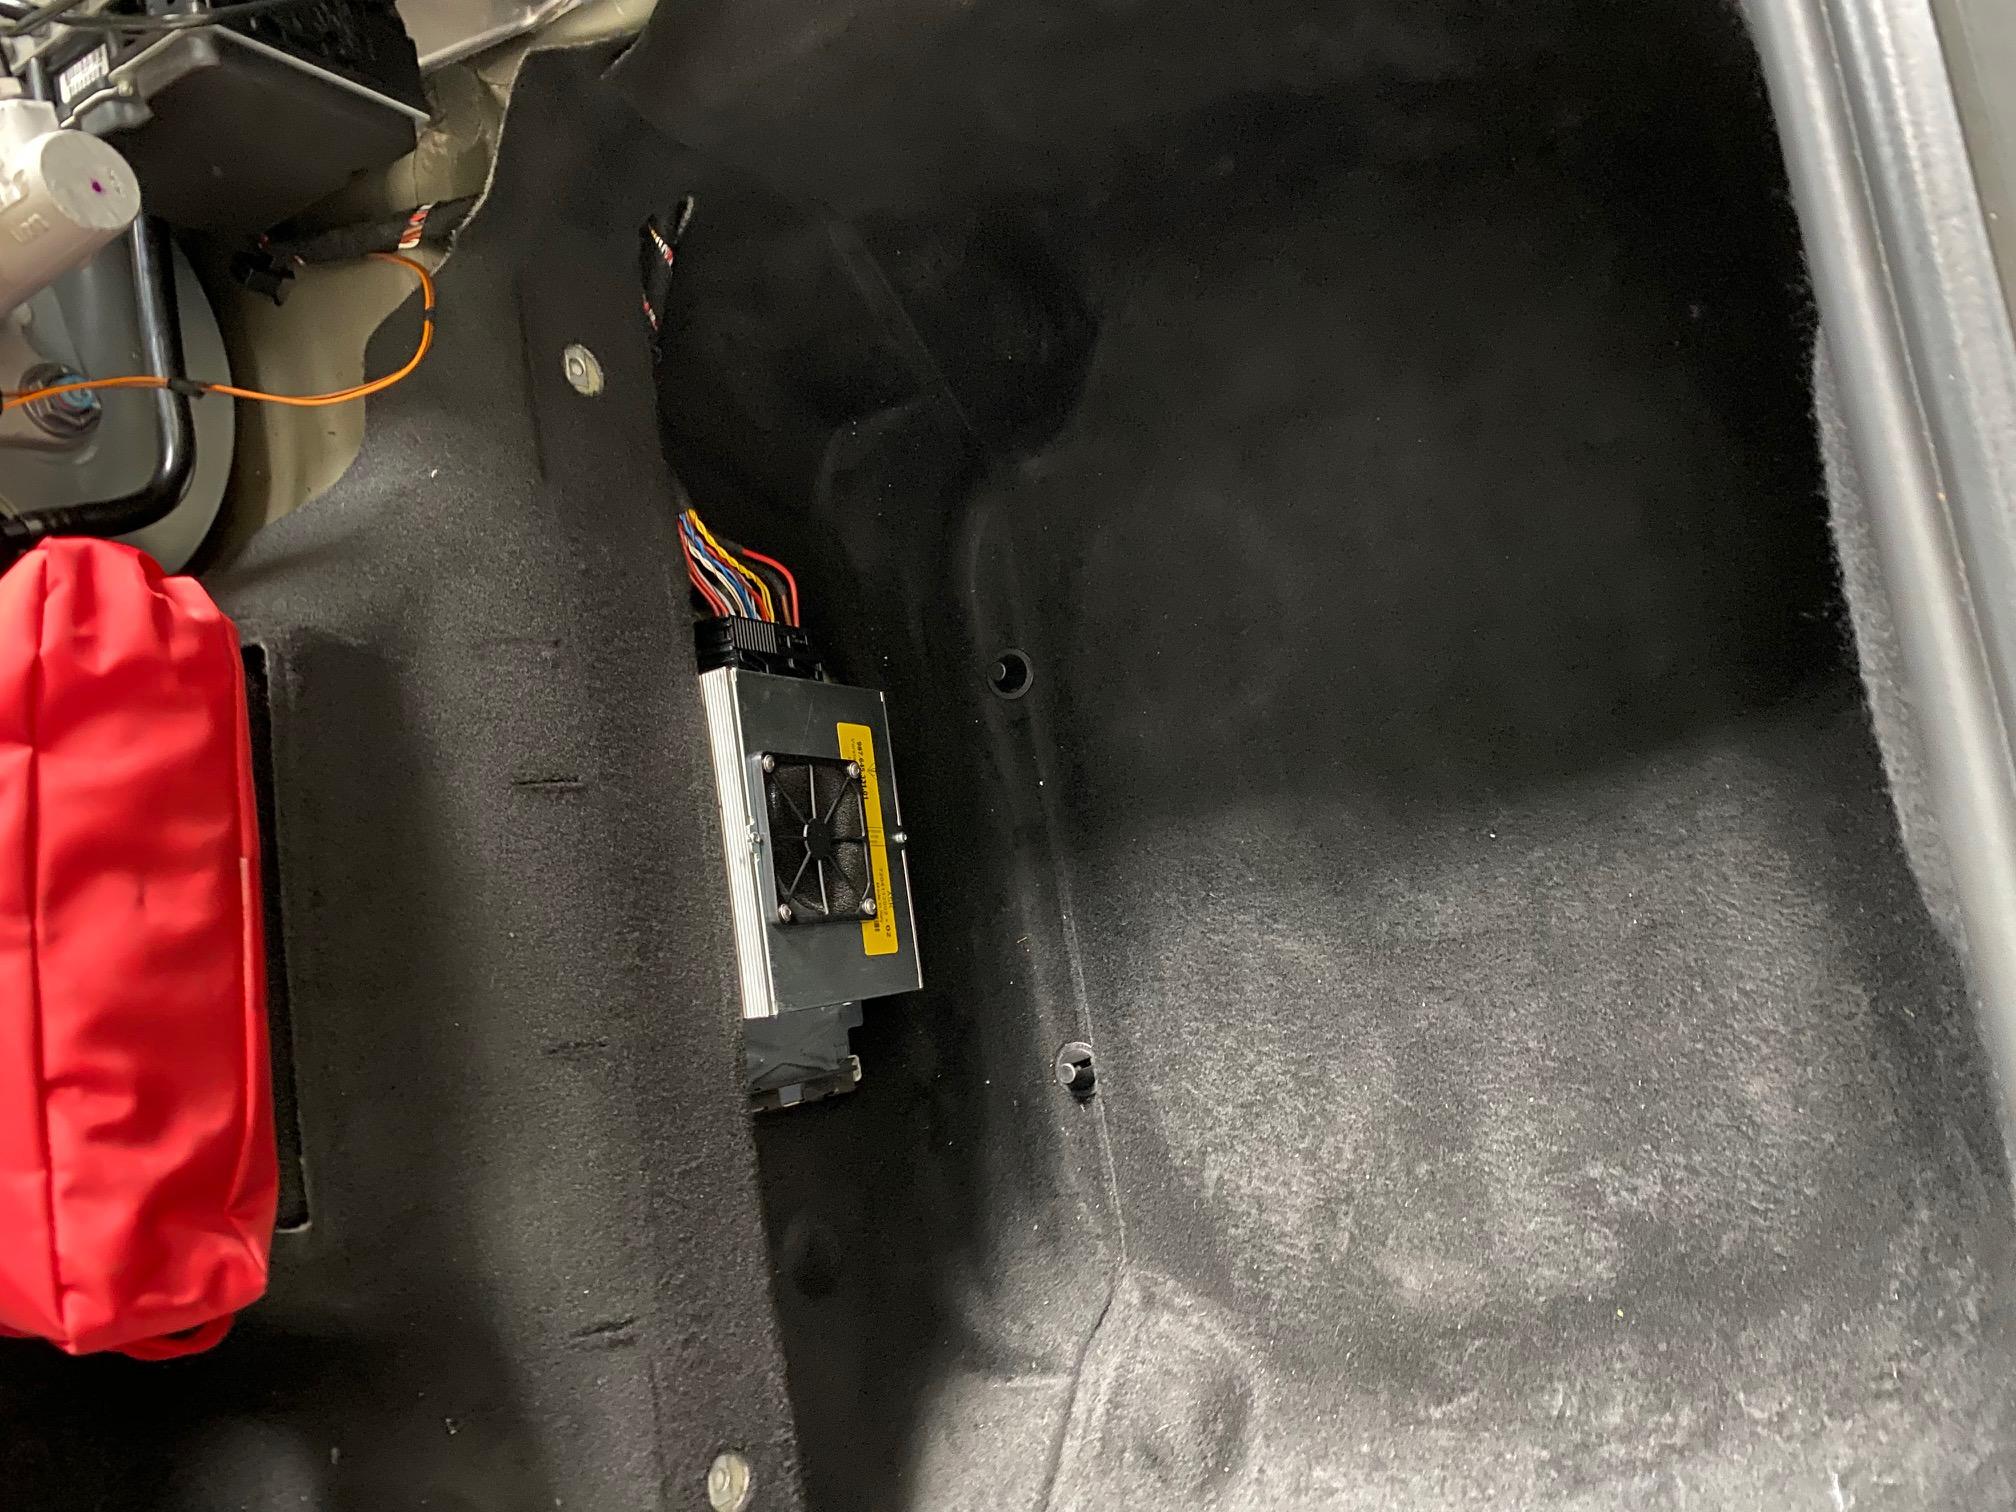 Offener Kofferraum des Porsche Boxster mit Verstäker